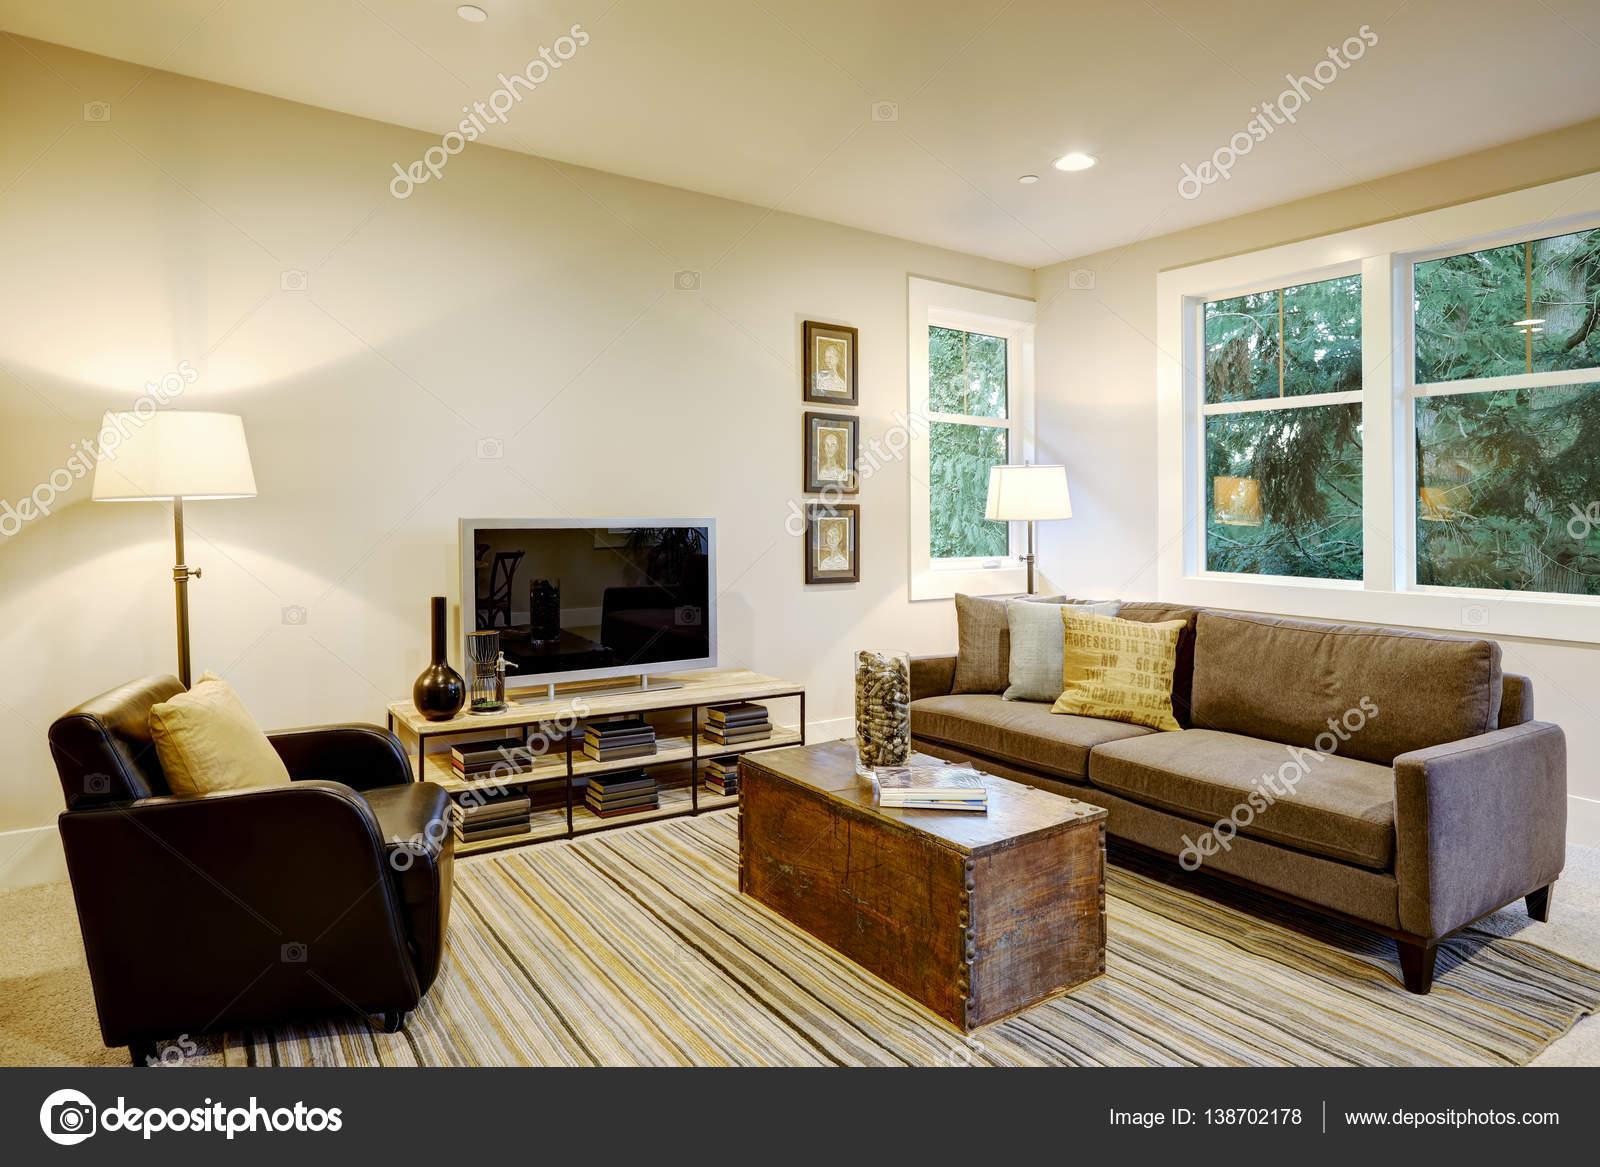 familiekamer interieur met grijze bank en boomstam salontafel stockfoto